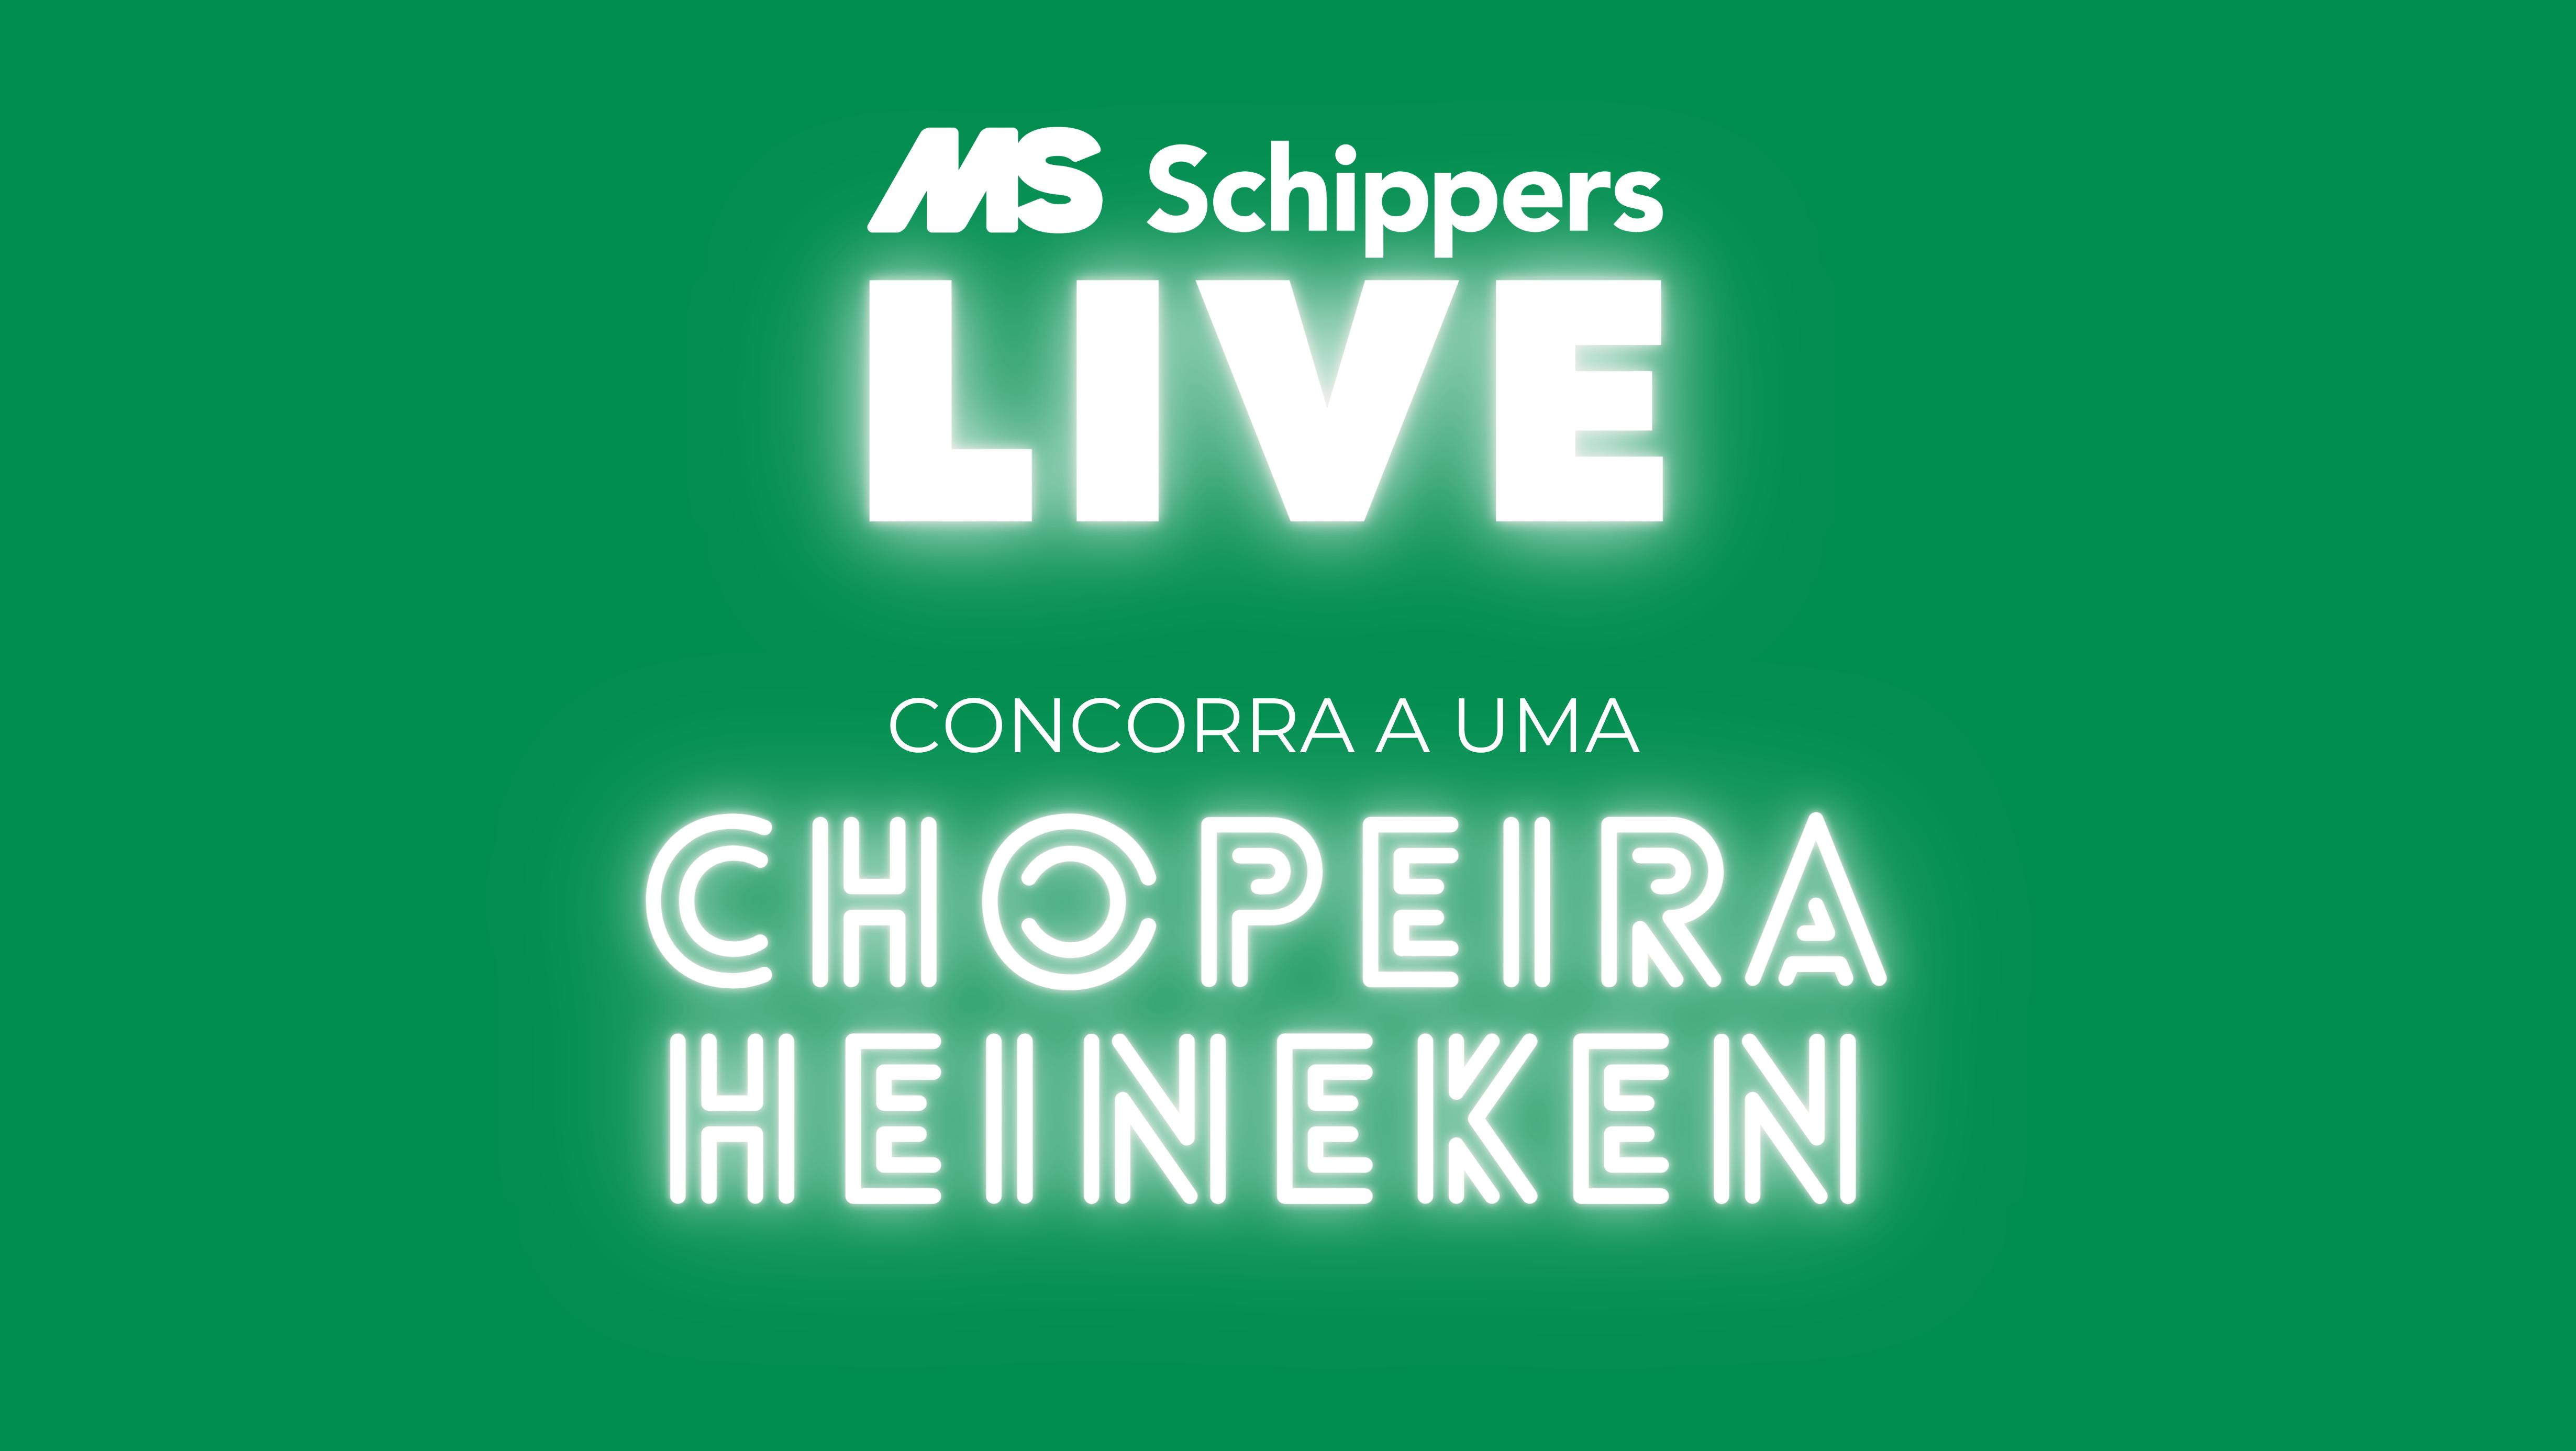 LIVE com sorteio de 01 CHOPEIRA Heineken? Sim!